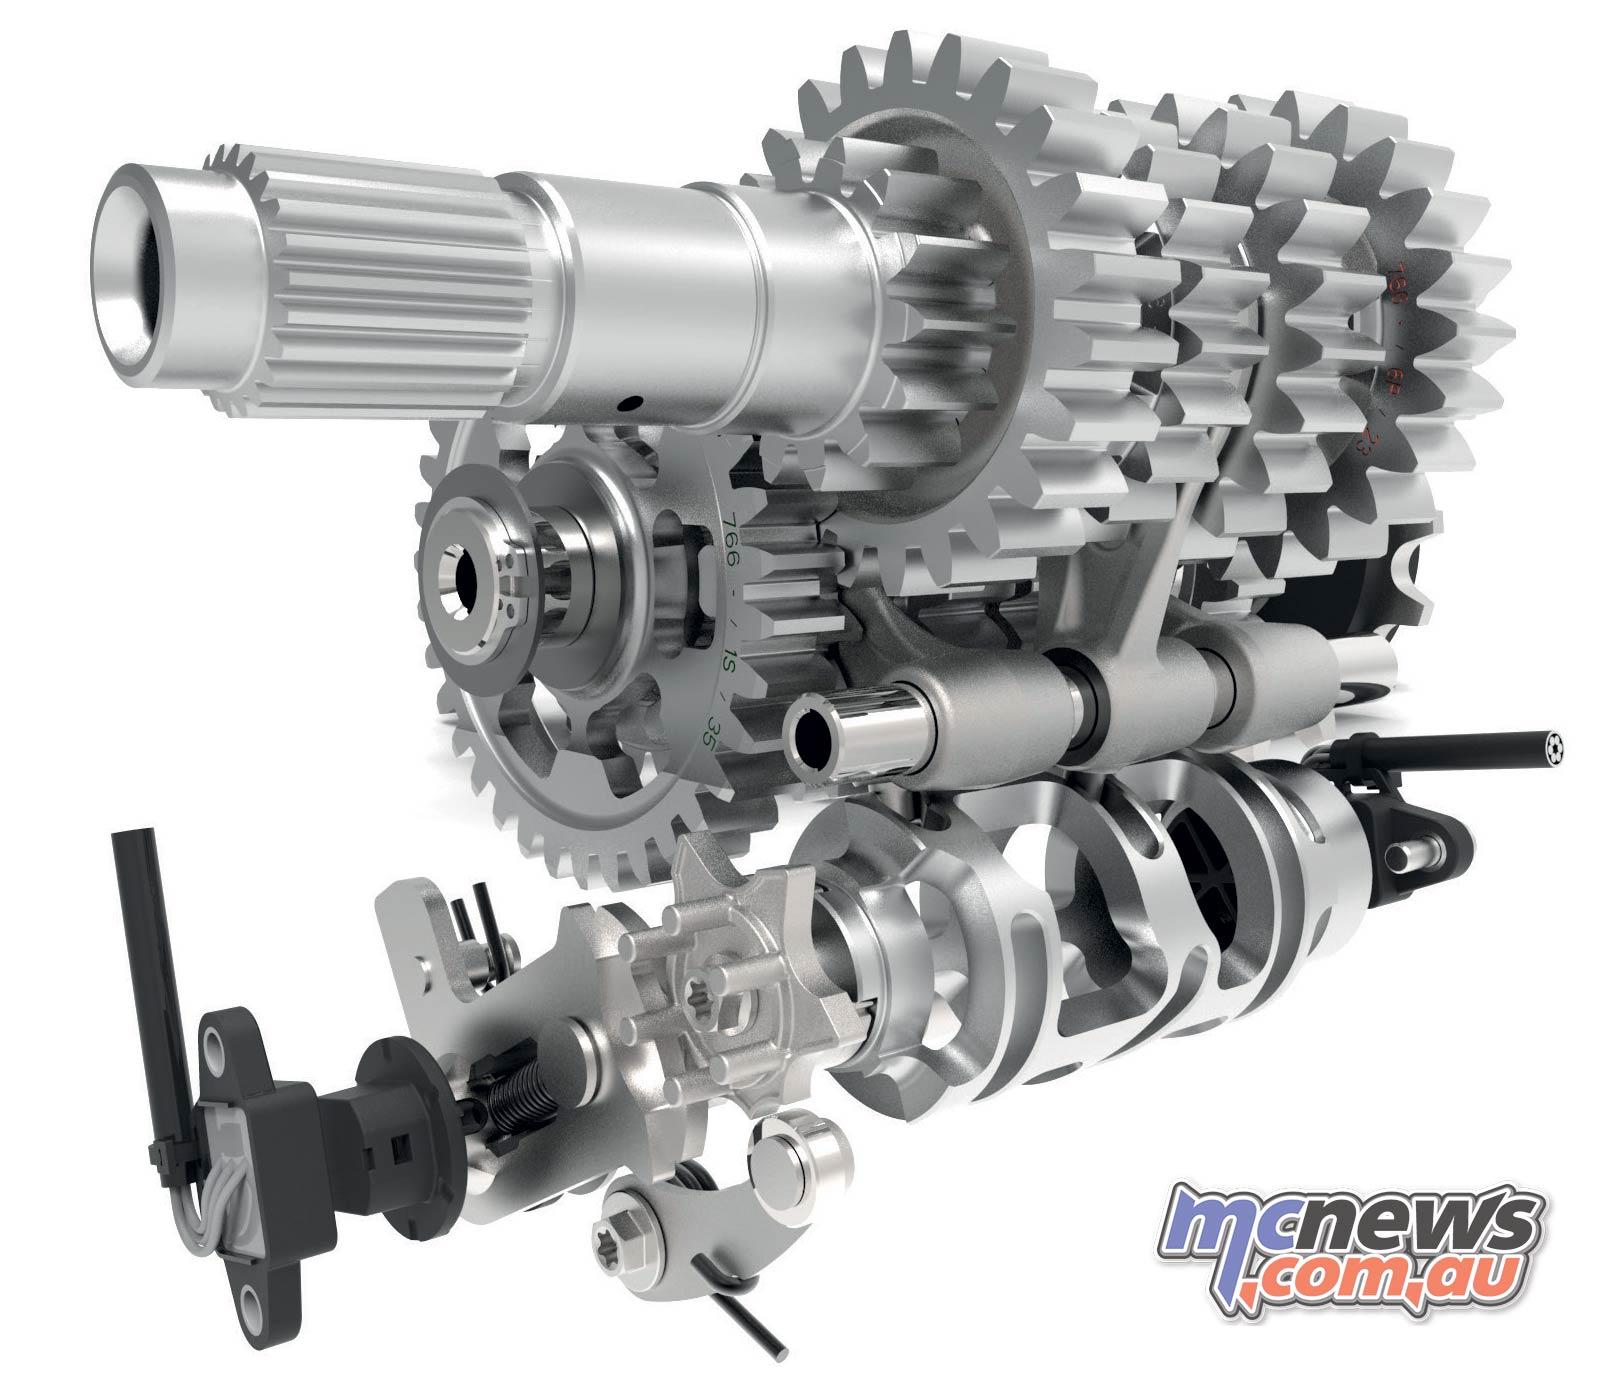 KTM Enduro R Gearbox